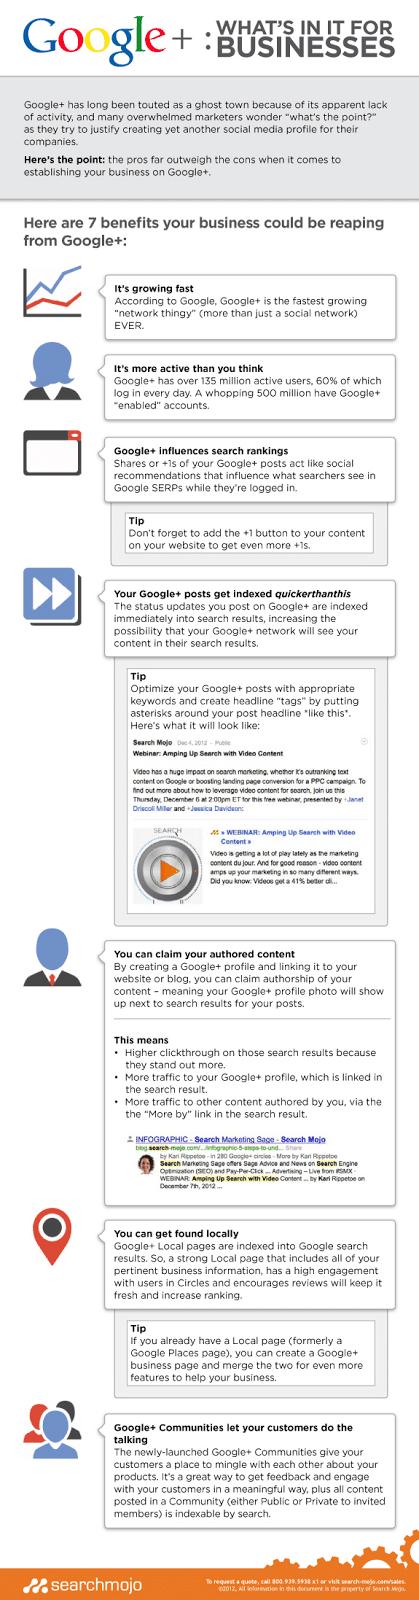 infographie-avantages-google-plus-pour-pros-arobasenet